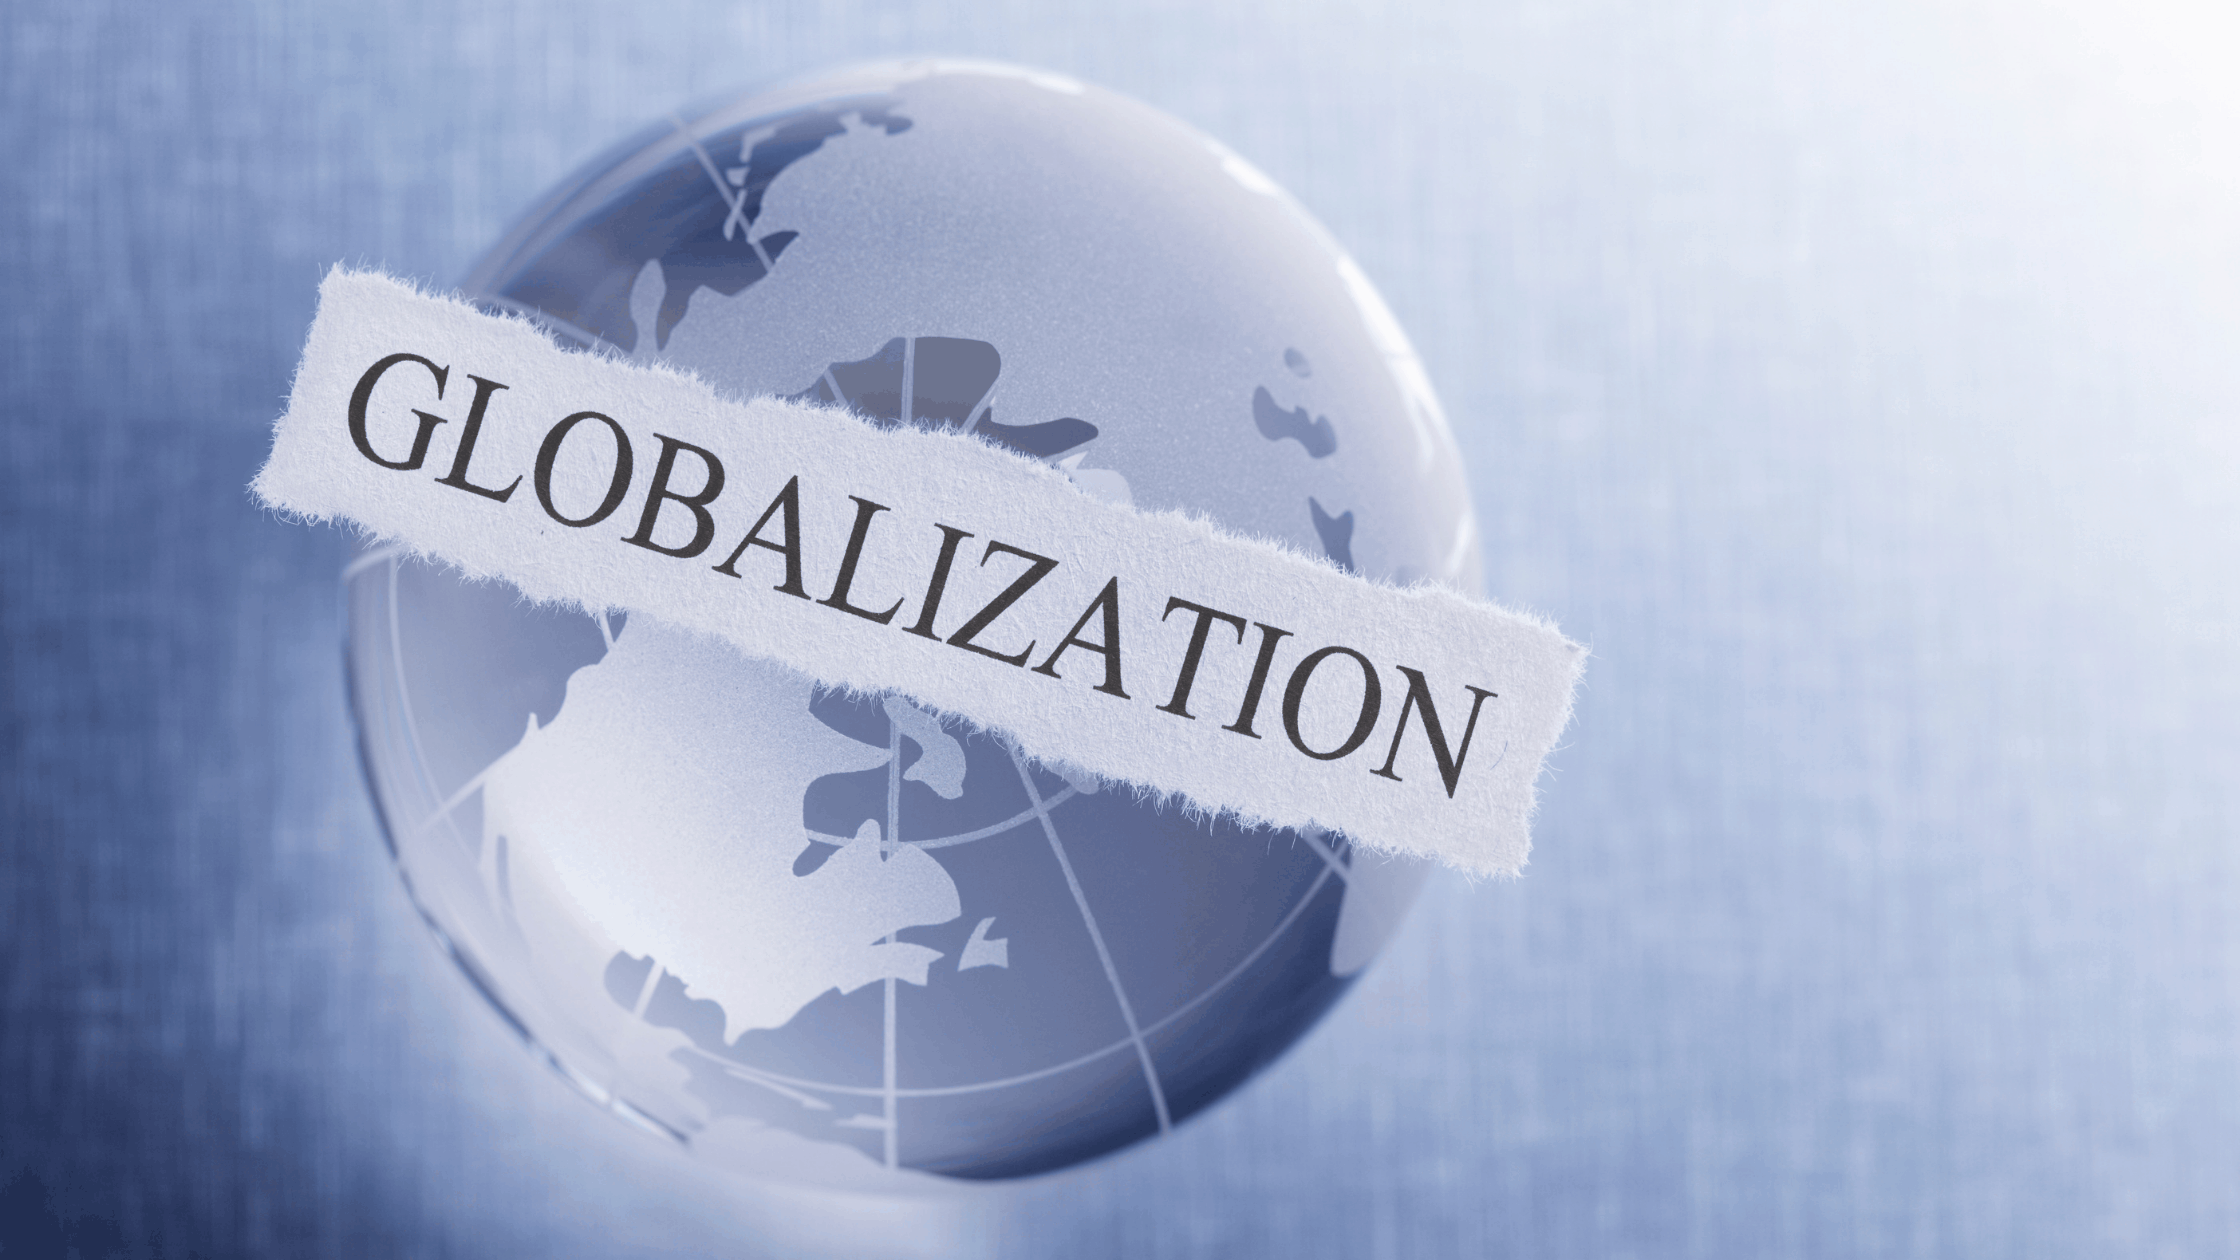 Localization, Internationalization and Globalization (3)